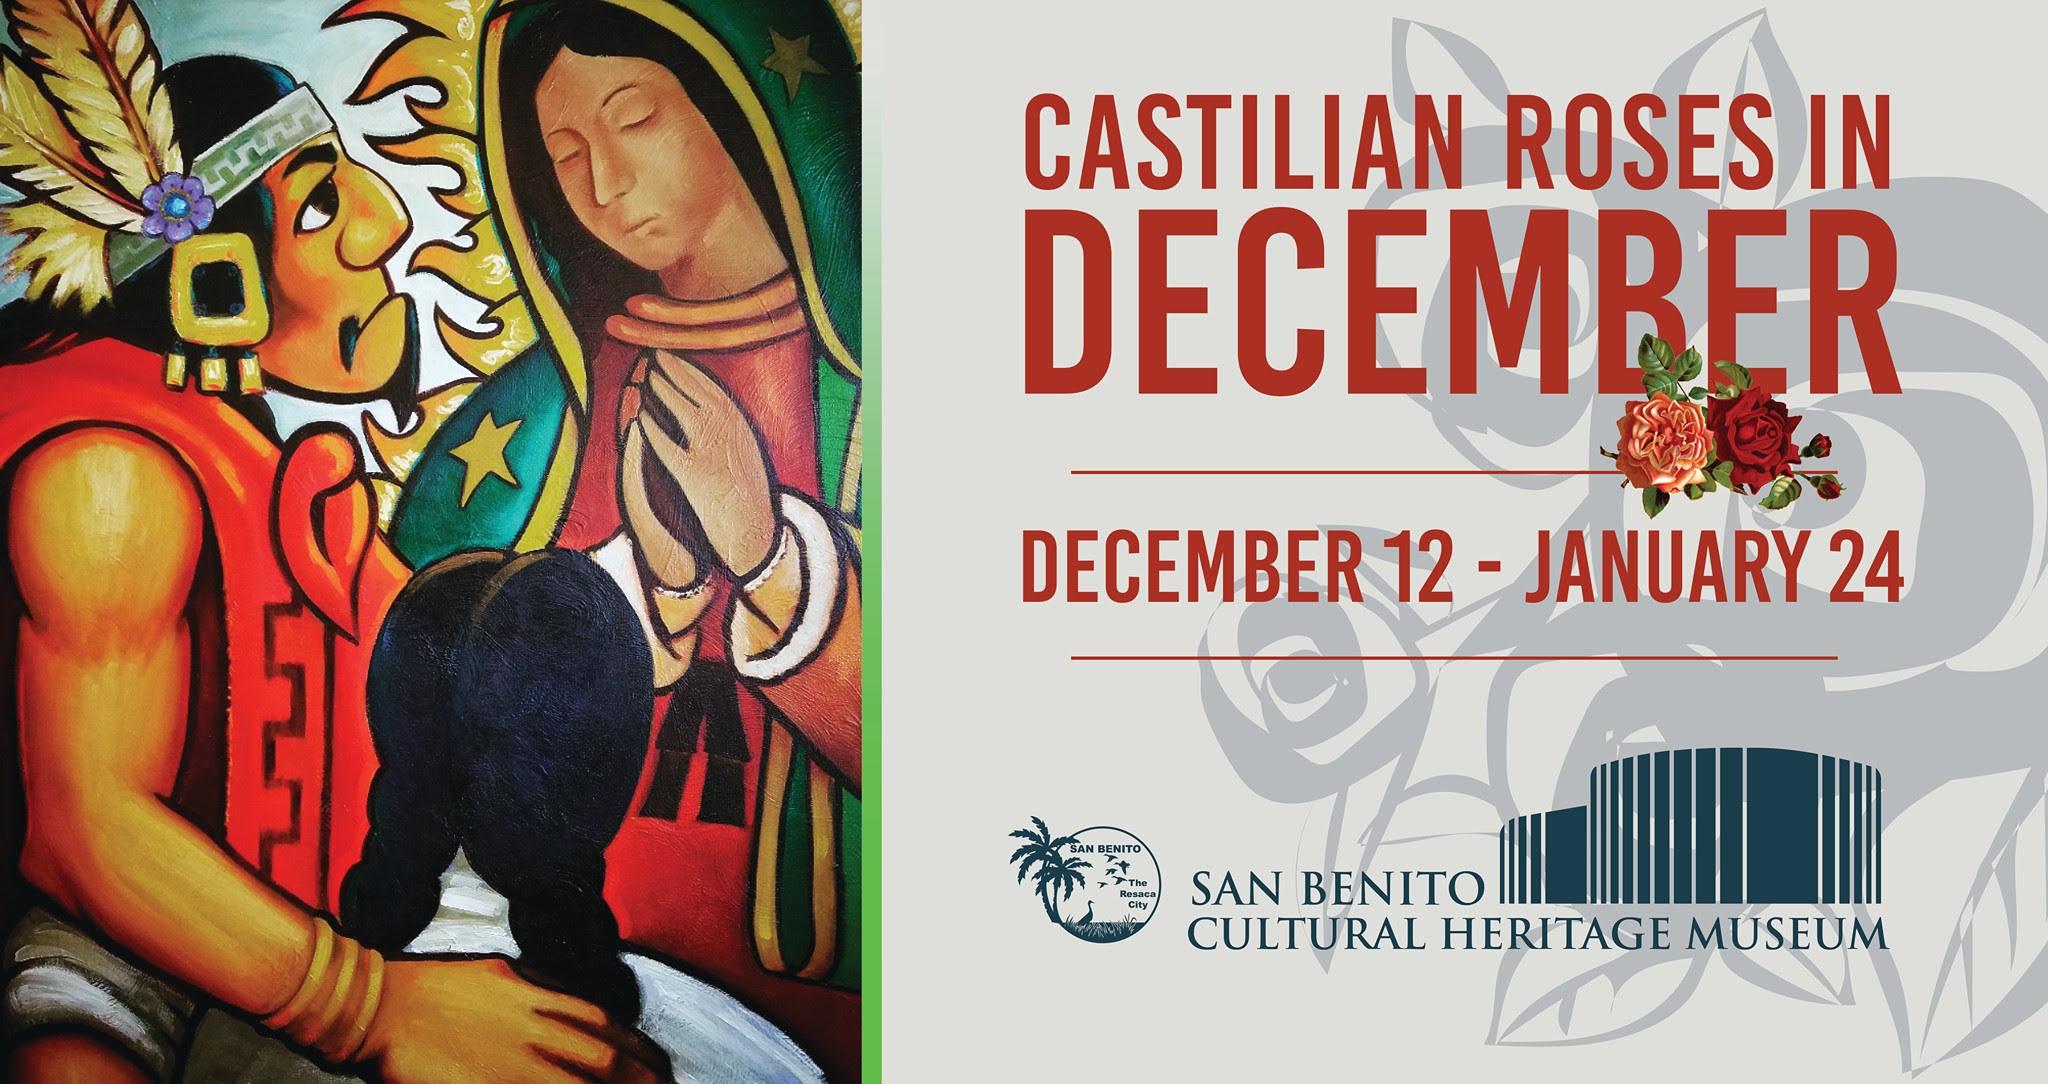 Castillian Roses in December